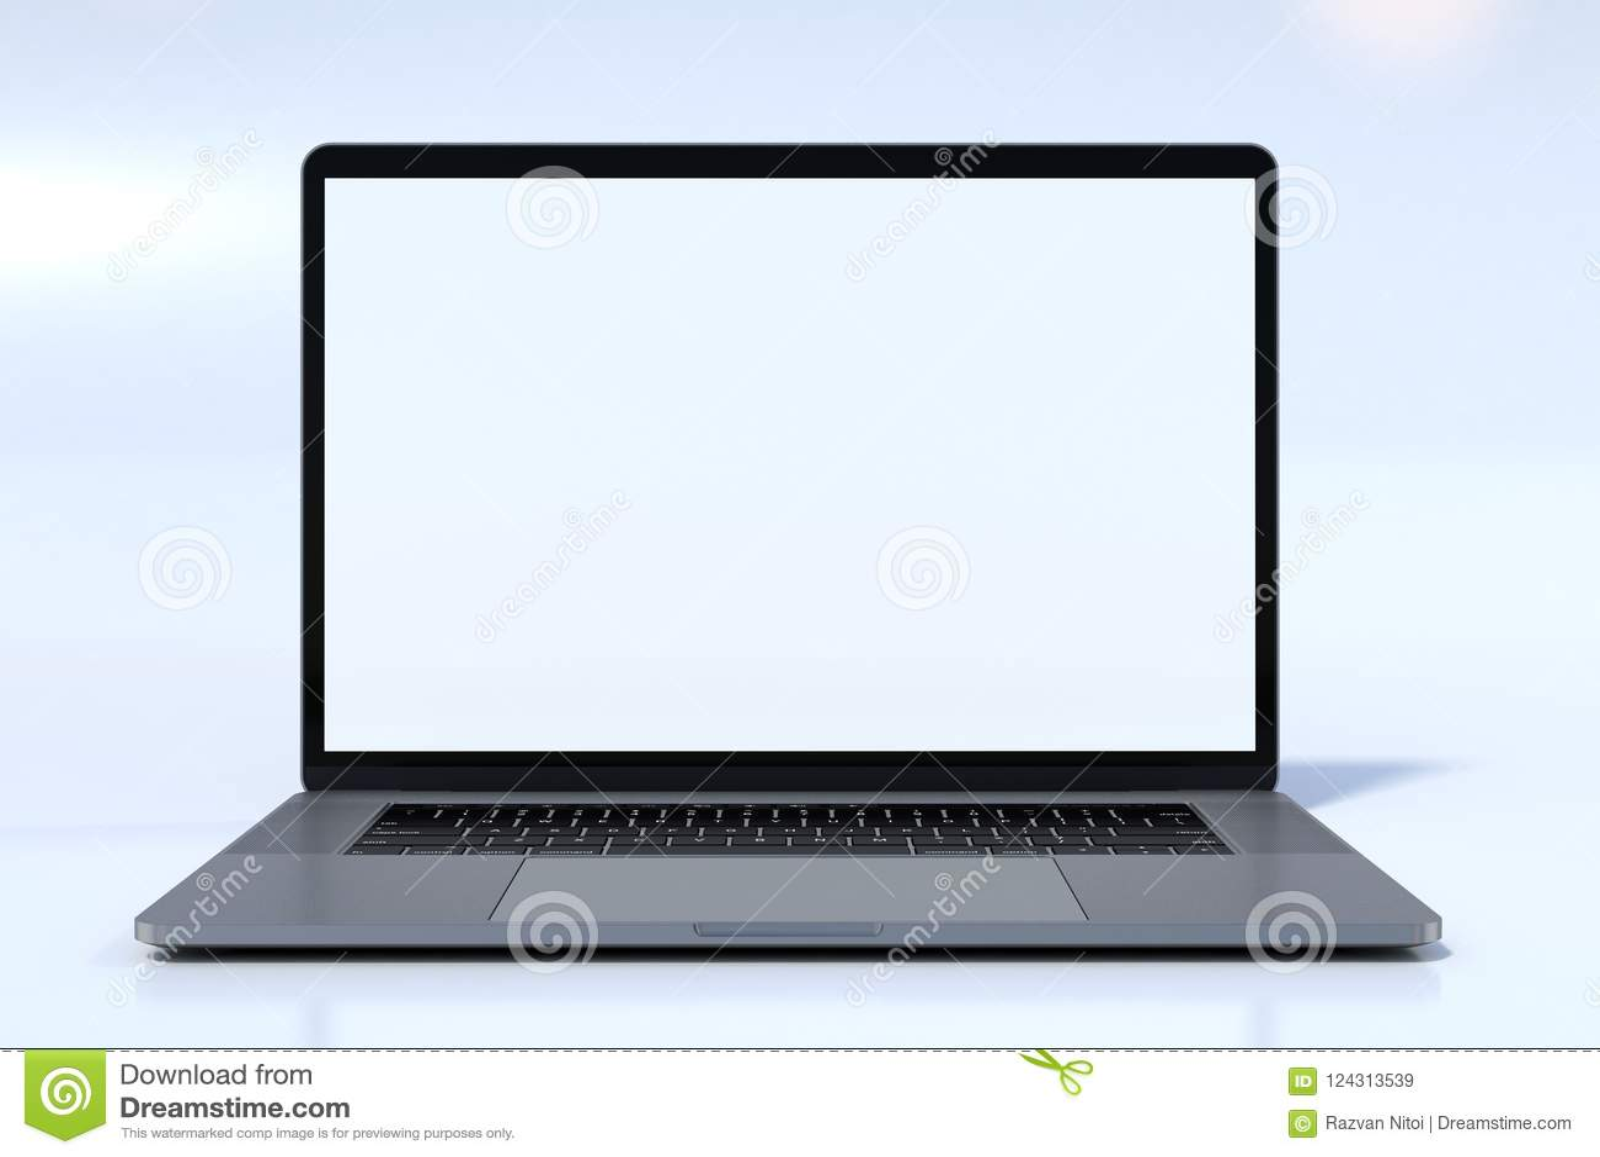 MacBook Pro-stijllaptop computer vooraanzicht